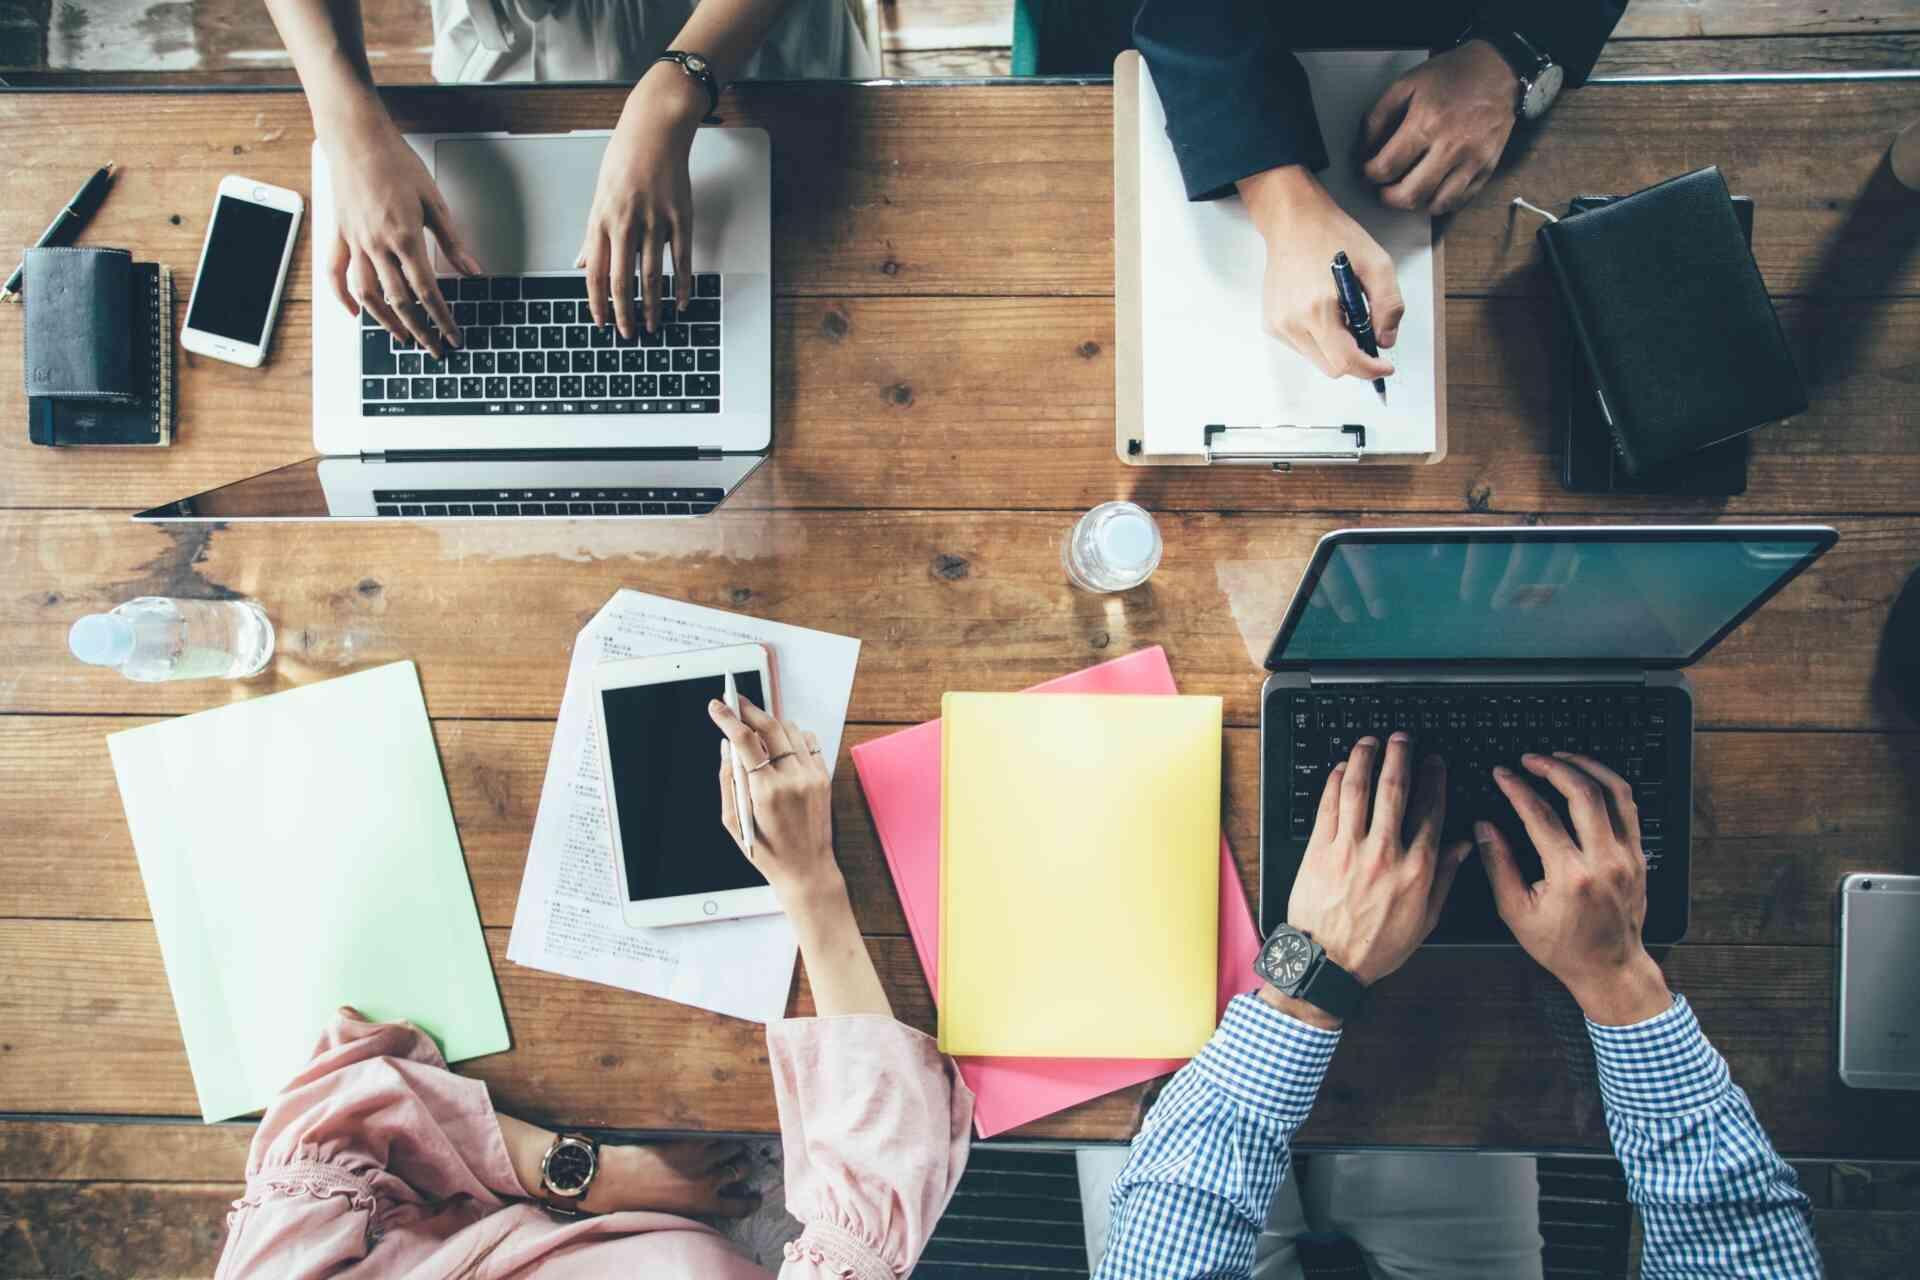 企画職について知りたい!仕事内容や企業が求める能力は?